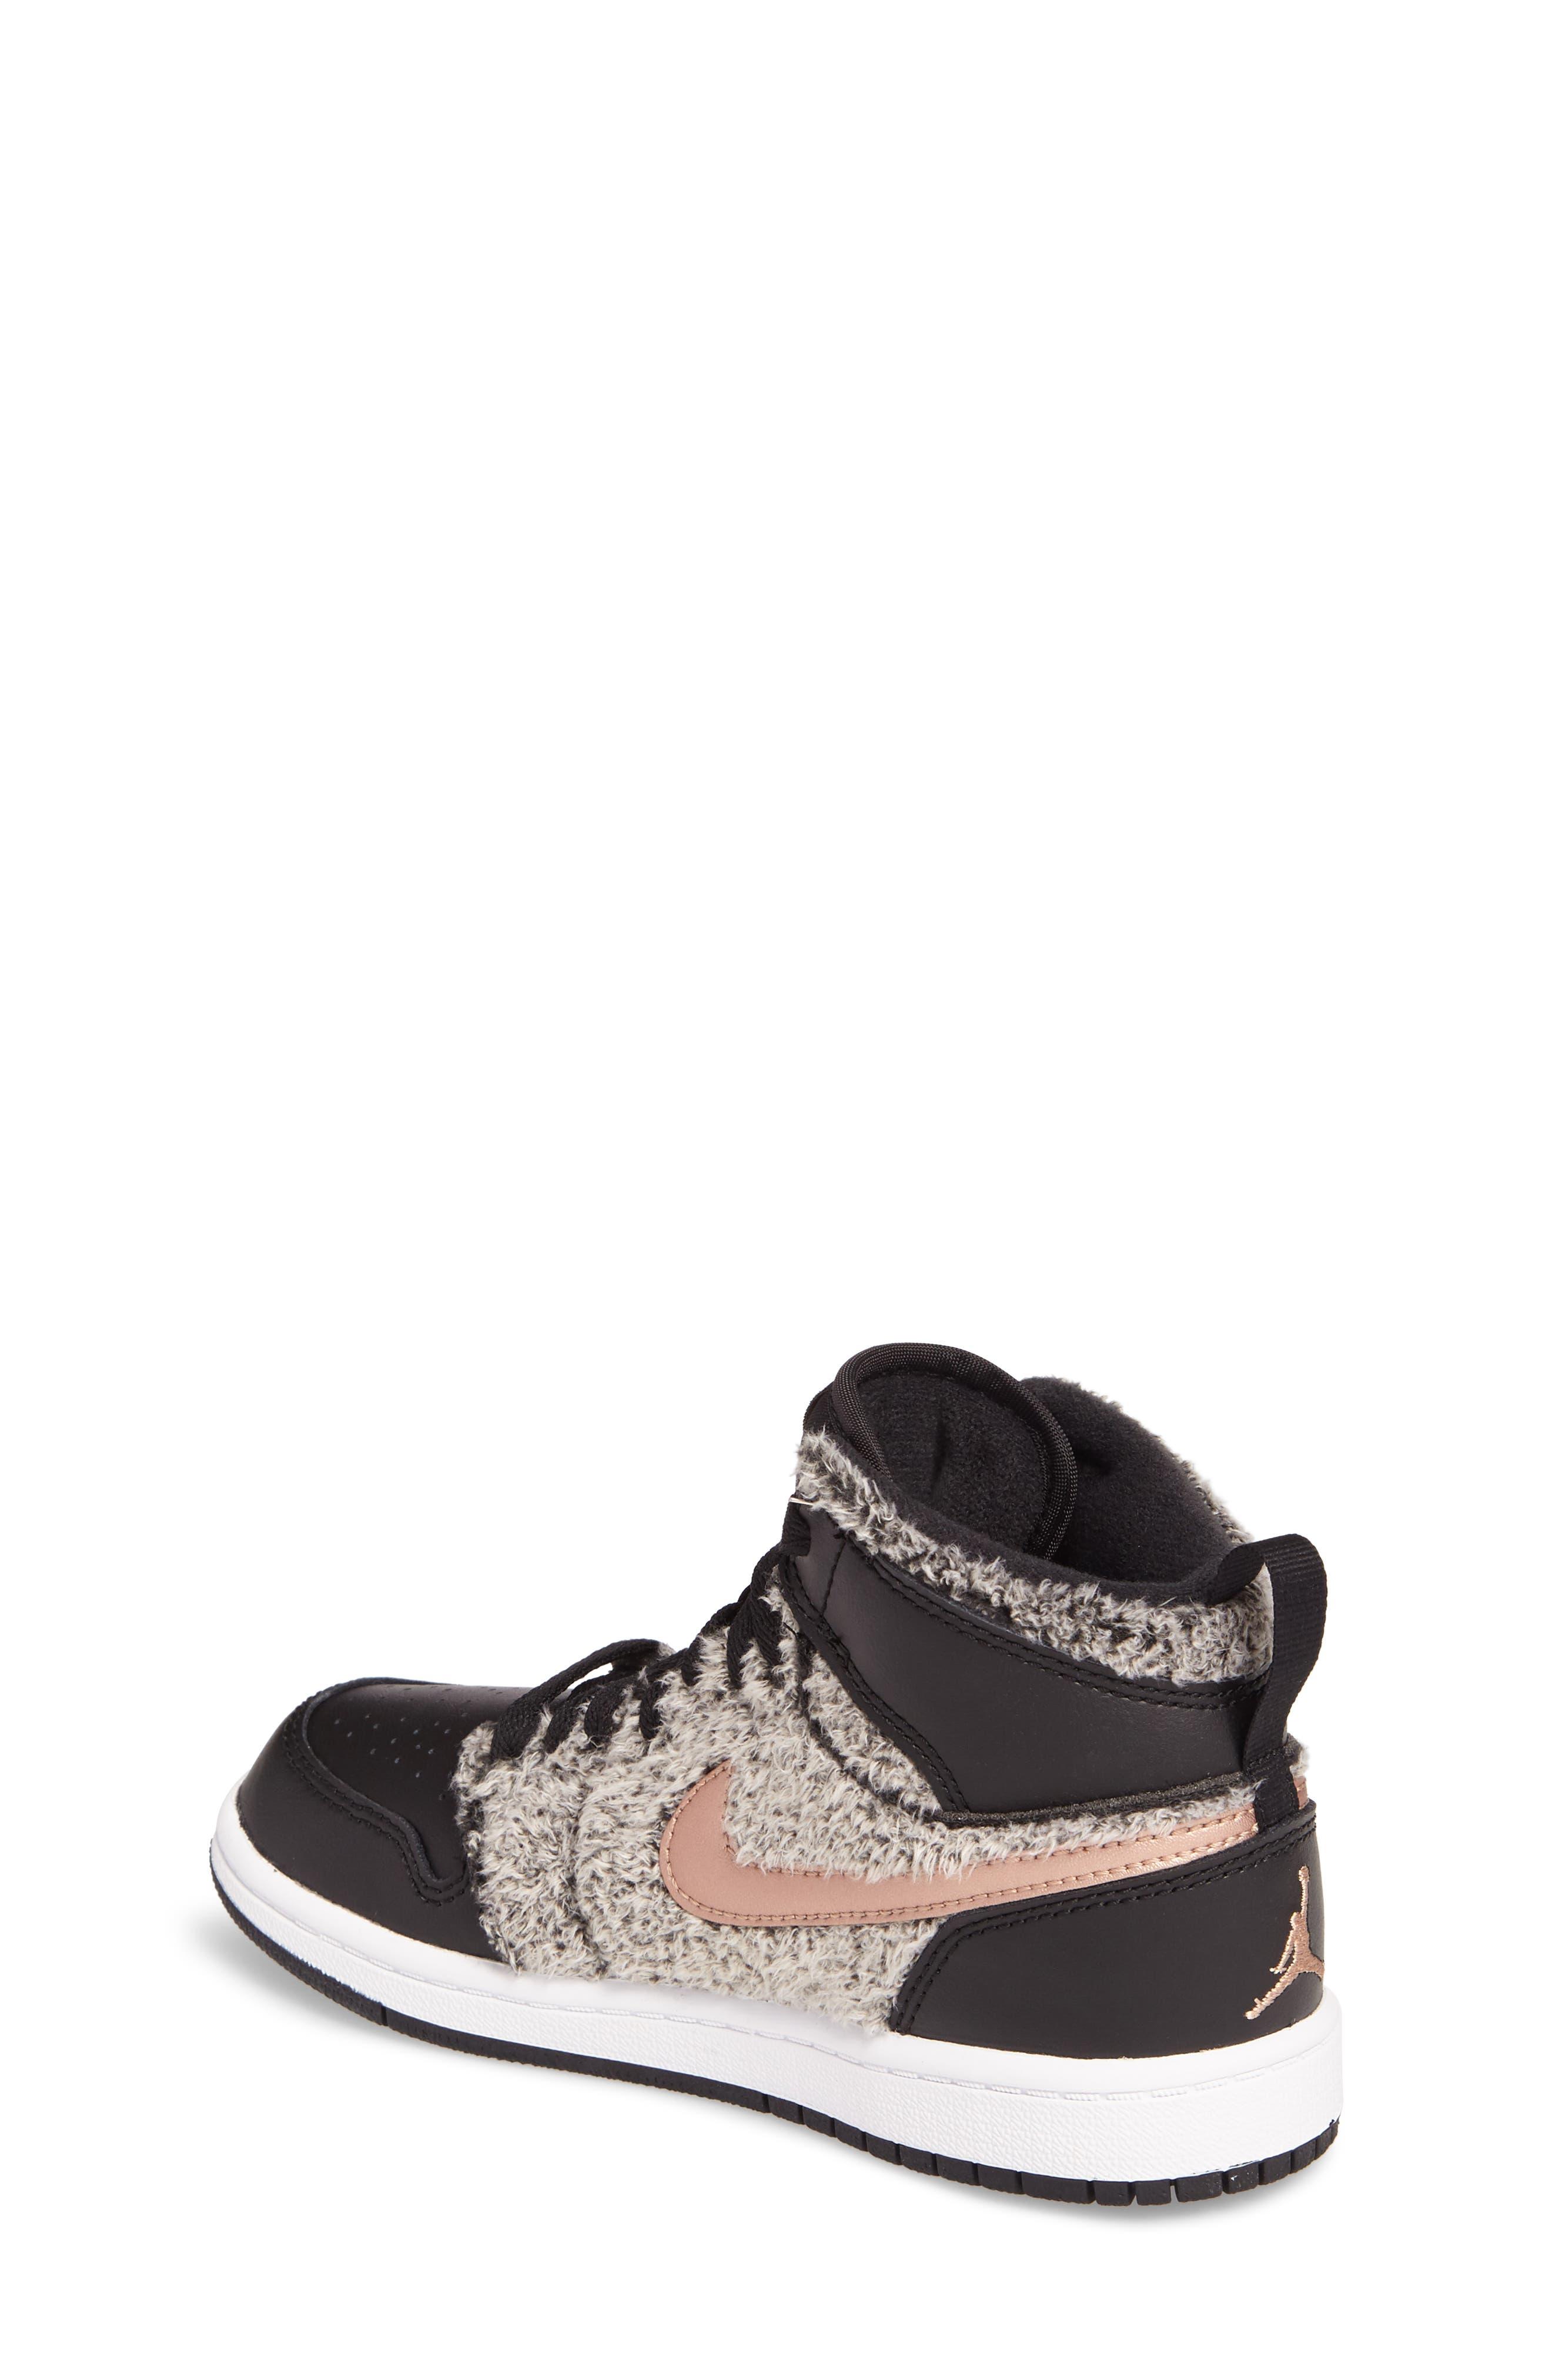 Nike Air Jordan 1 Retro Faux Fur High Top Sneaker,                             Alternate thumbnail 2, color,                             001